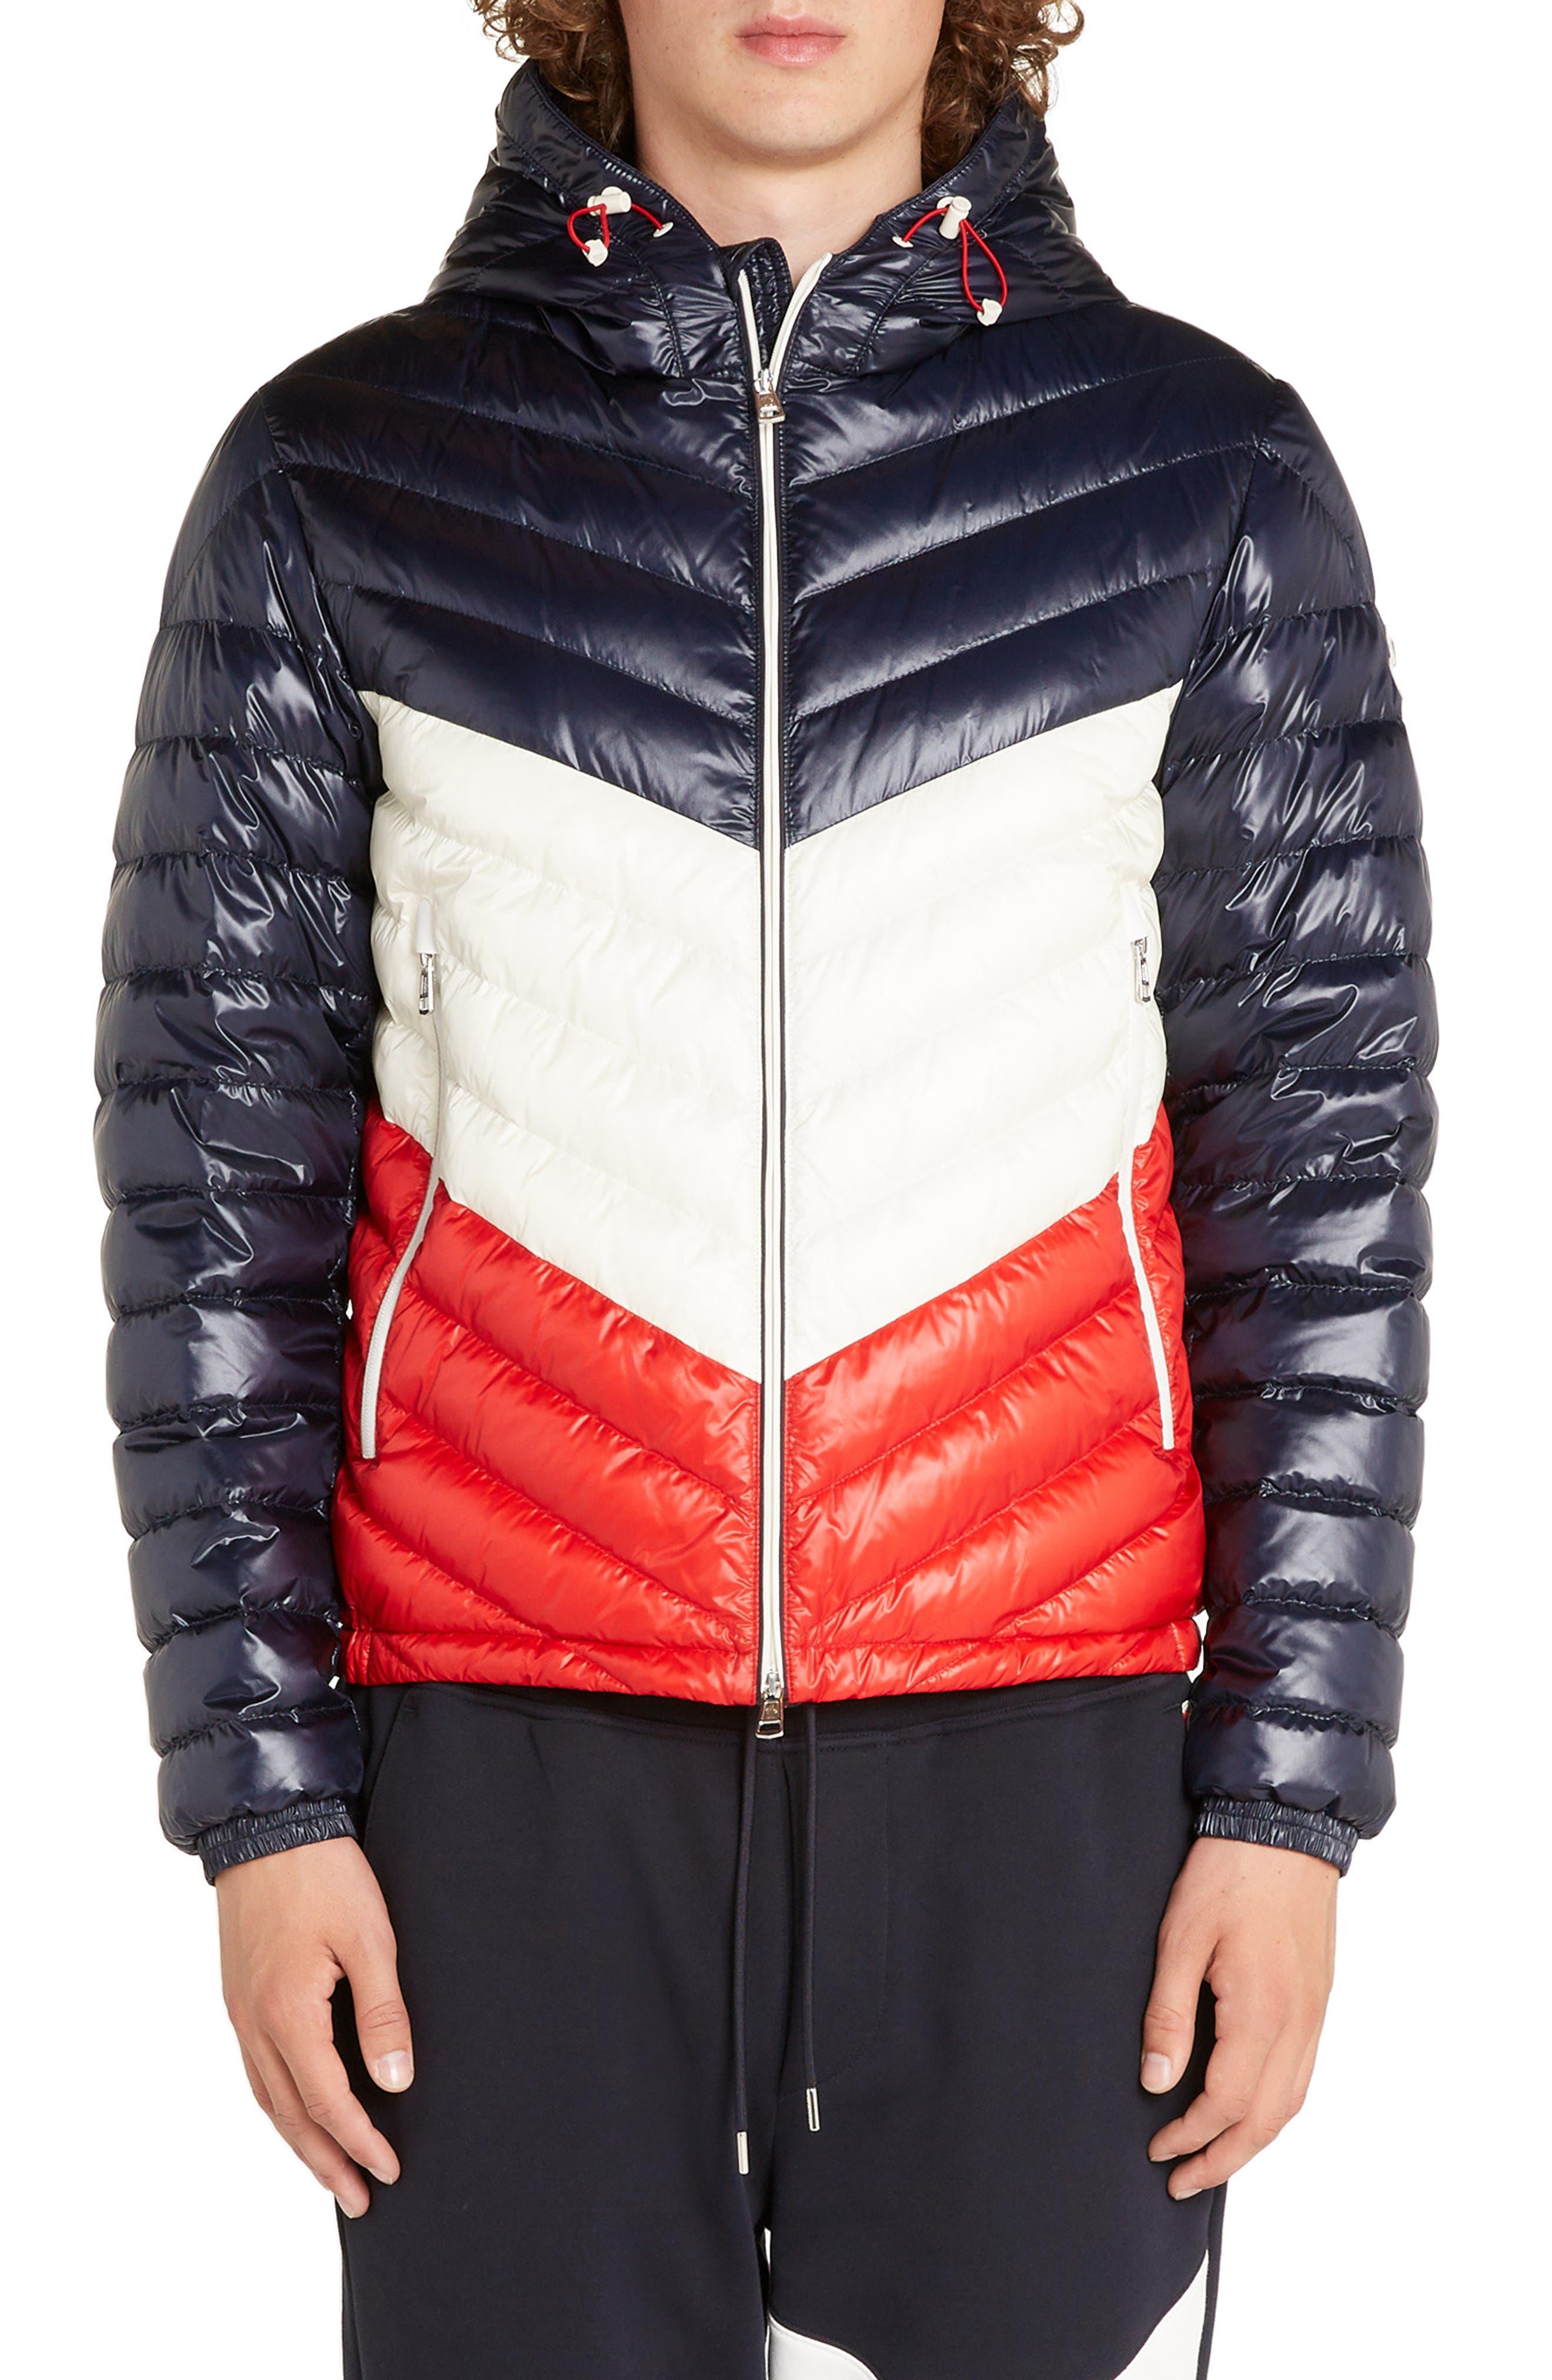 Palliser Colorblock Hooded Jacket,                             Main thumbnail 1, color,                             BLUE